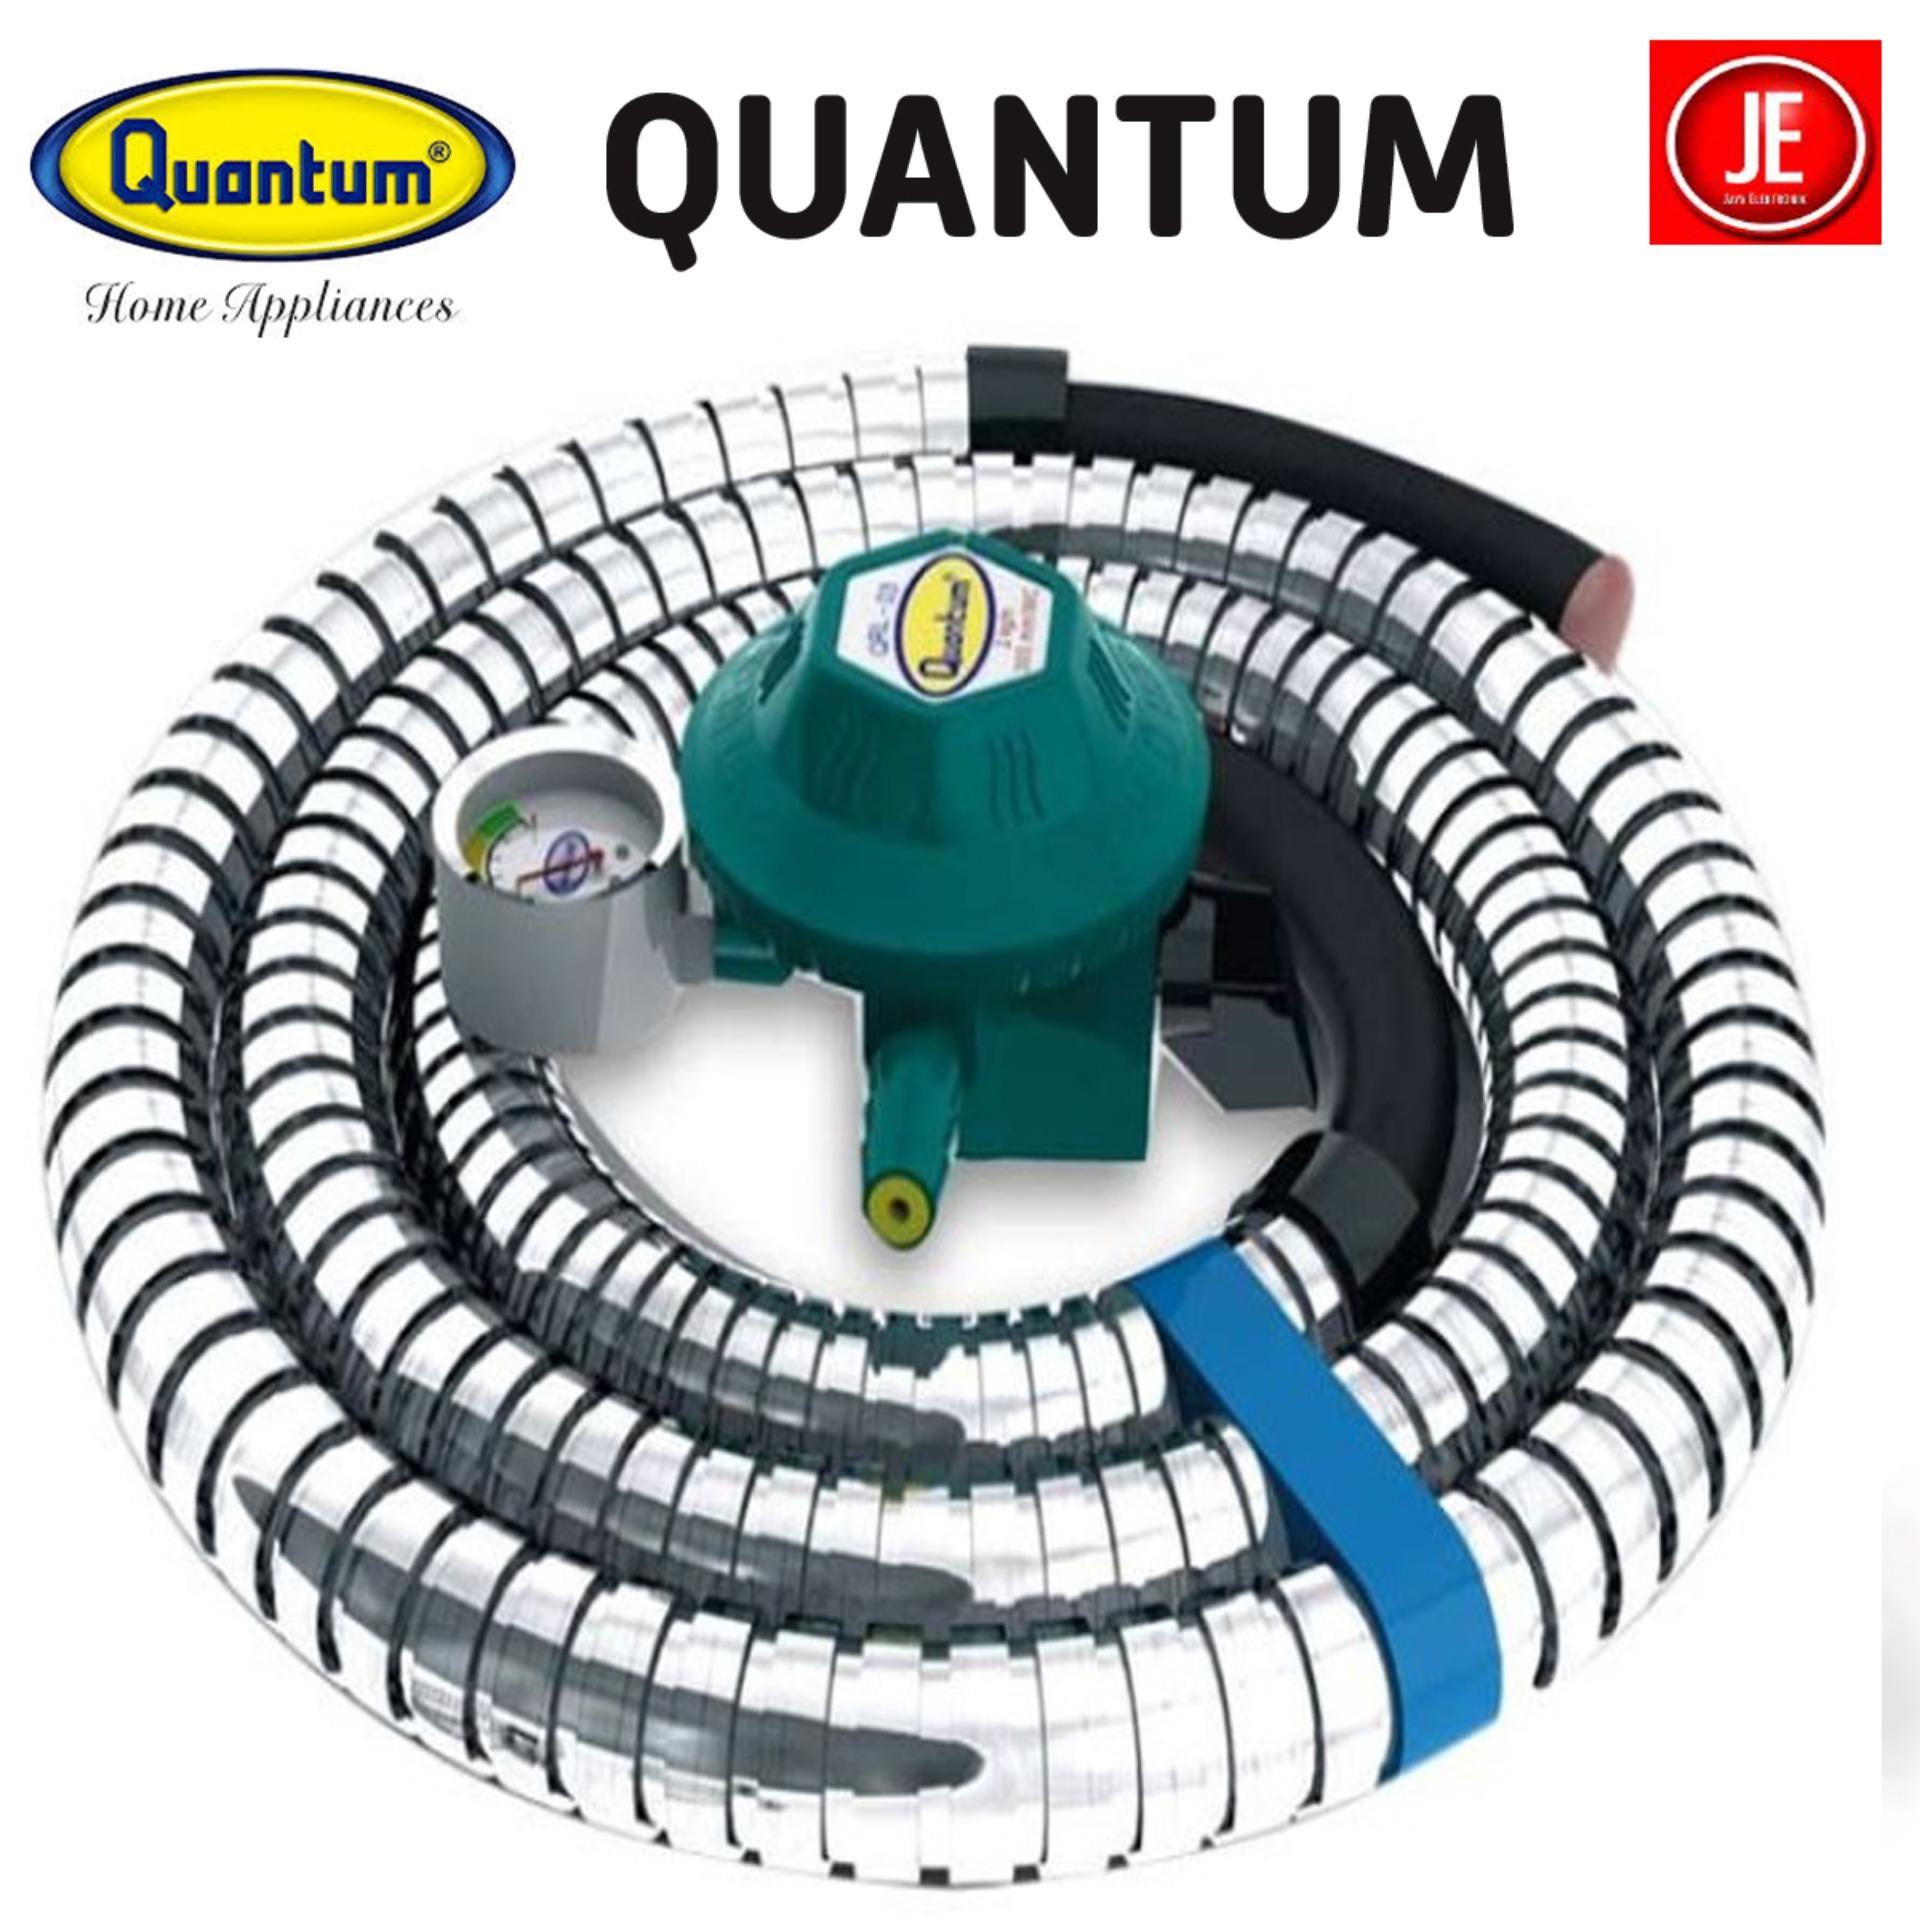 Quantum Regulator Paket Selang Kompor Gas QRL032 GARANSI RESMI 458f81c39a